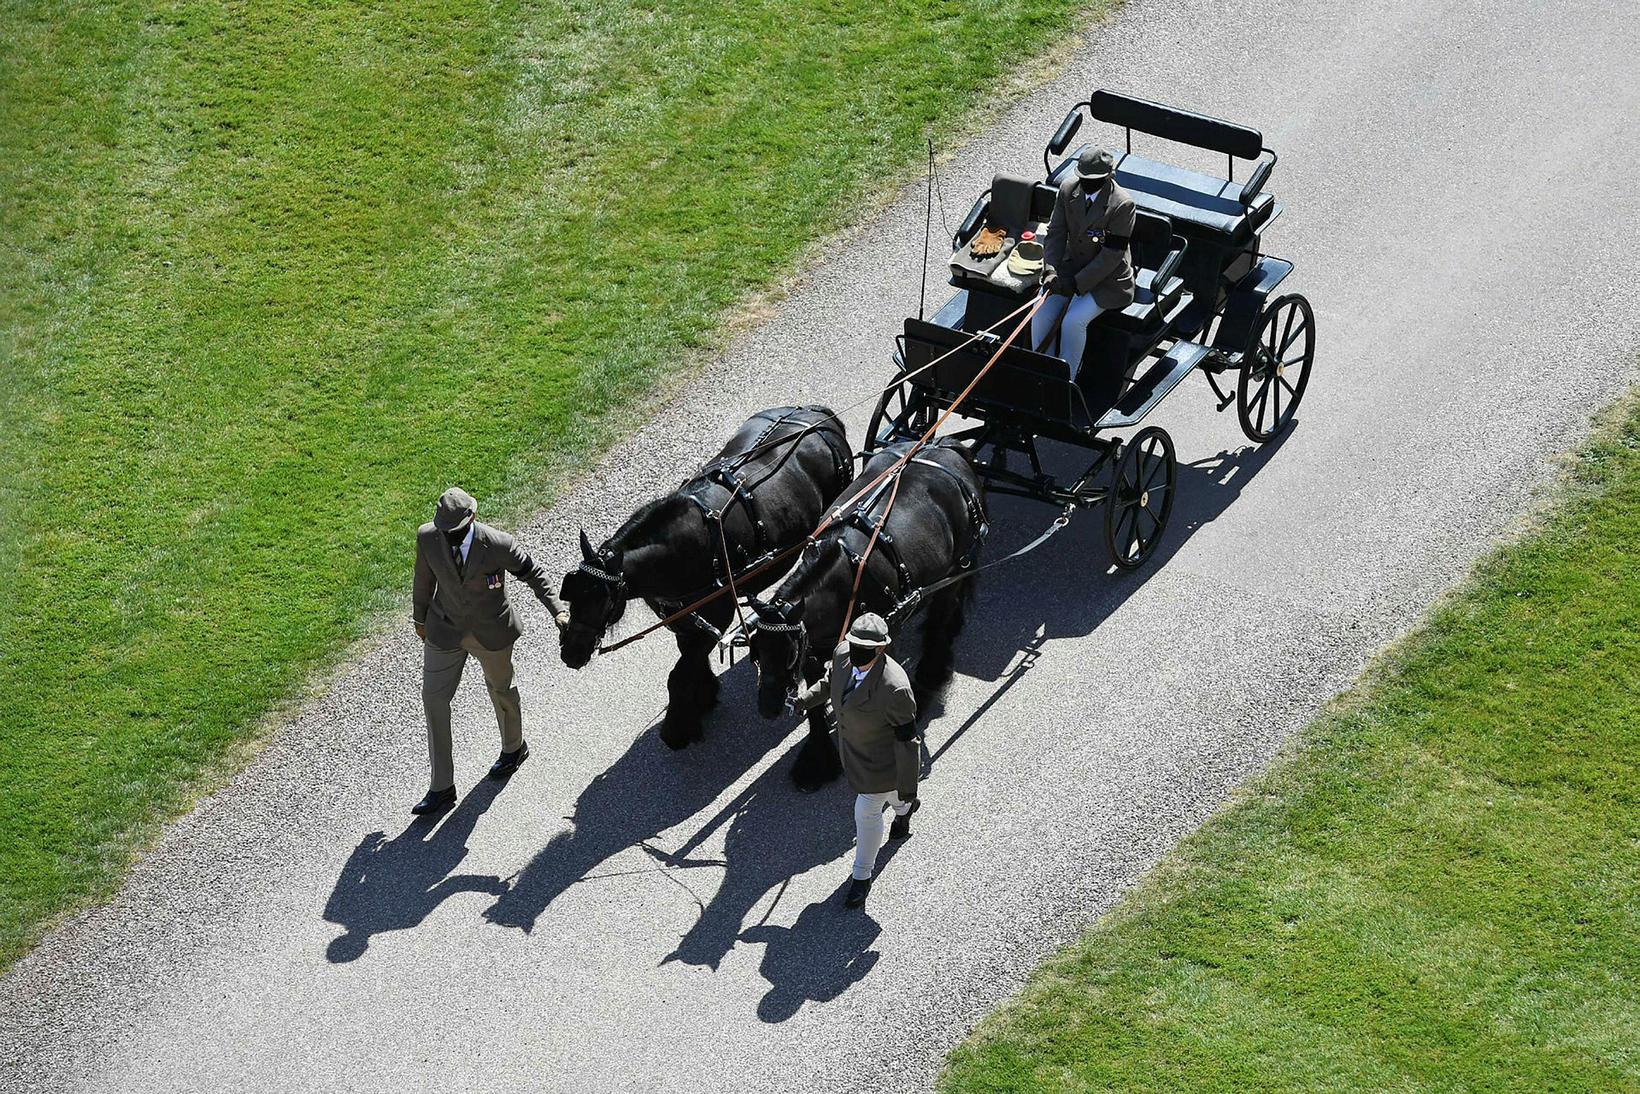 Hestakerran spilaði hlutverk í útför Filippusar prins.